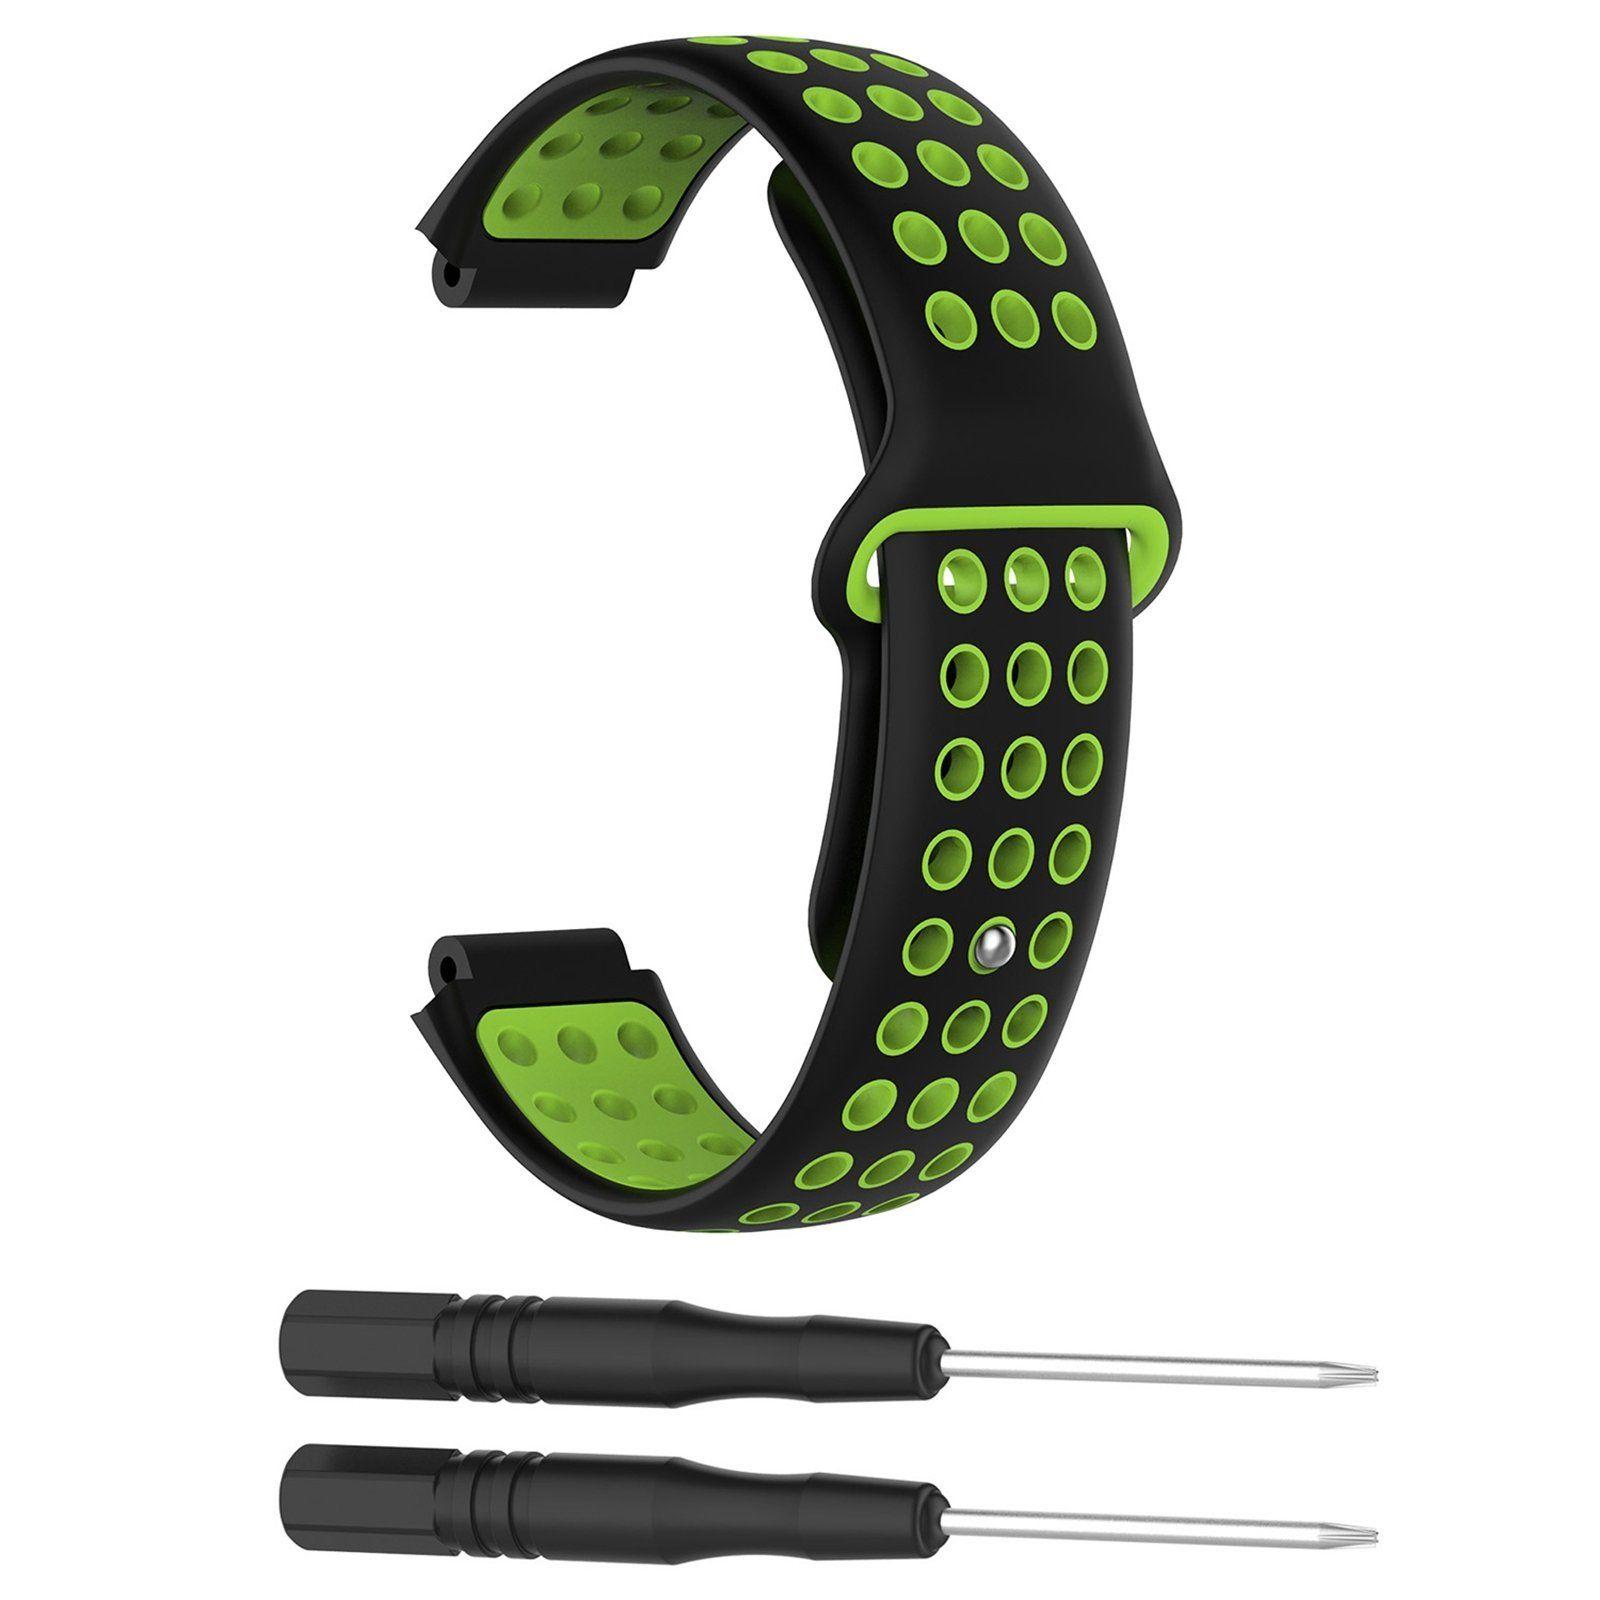 Silikonový vyměnitelný pásek / řemínek pro Garmin Forerunner 630 - černo zelený